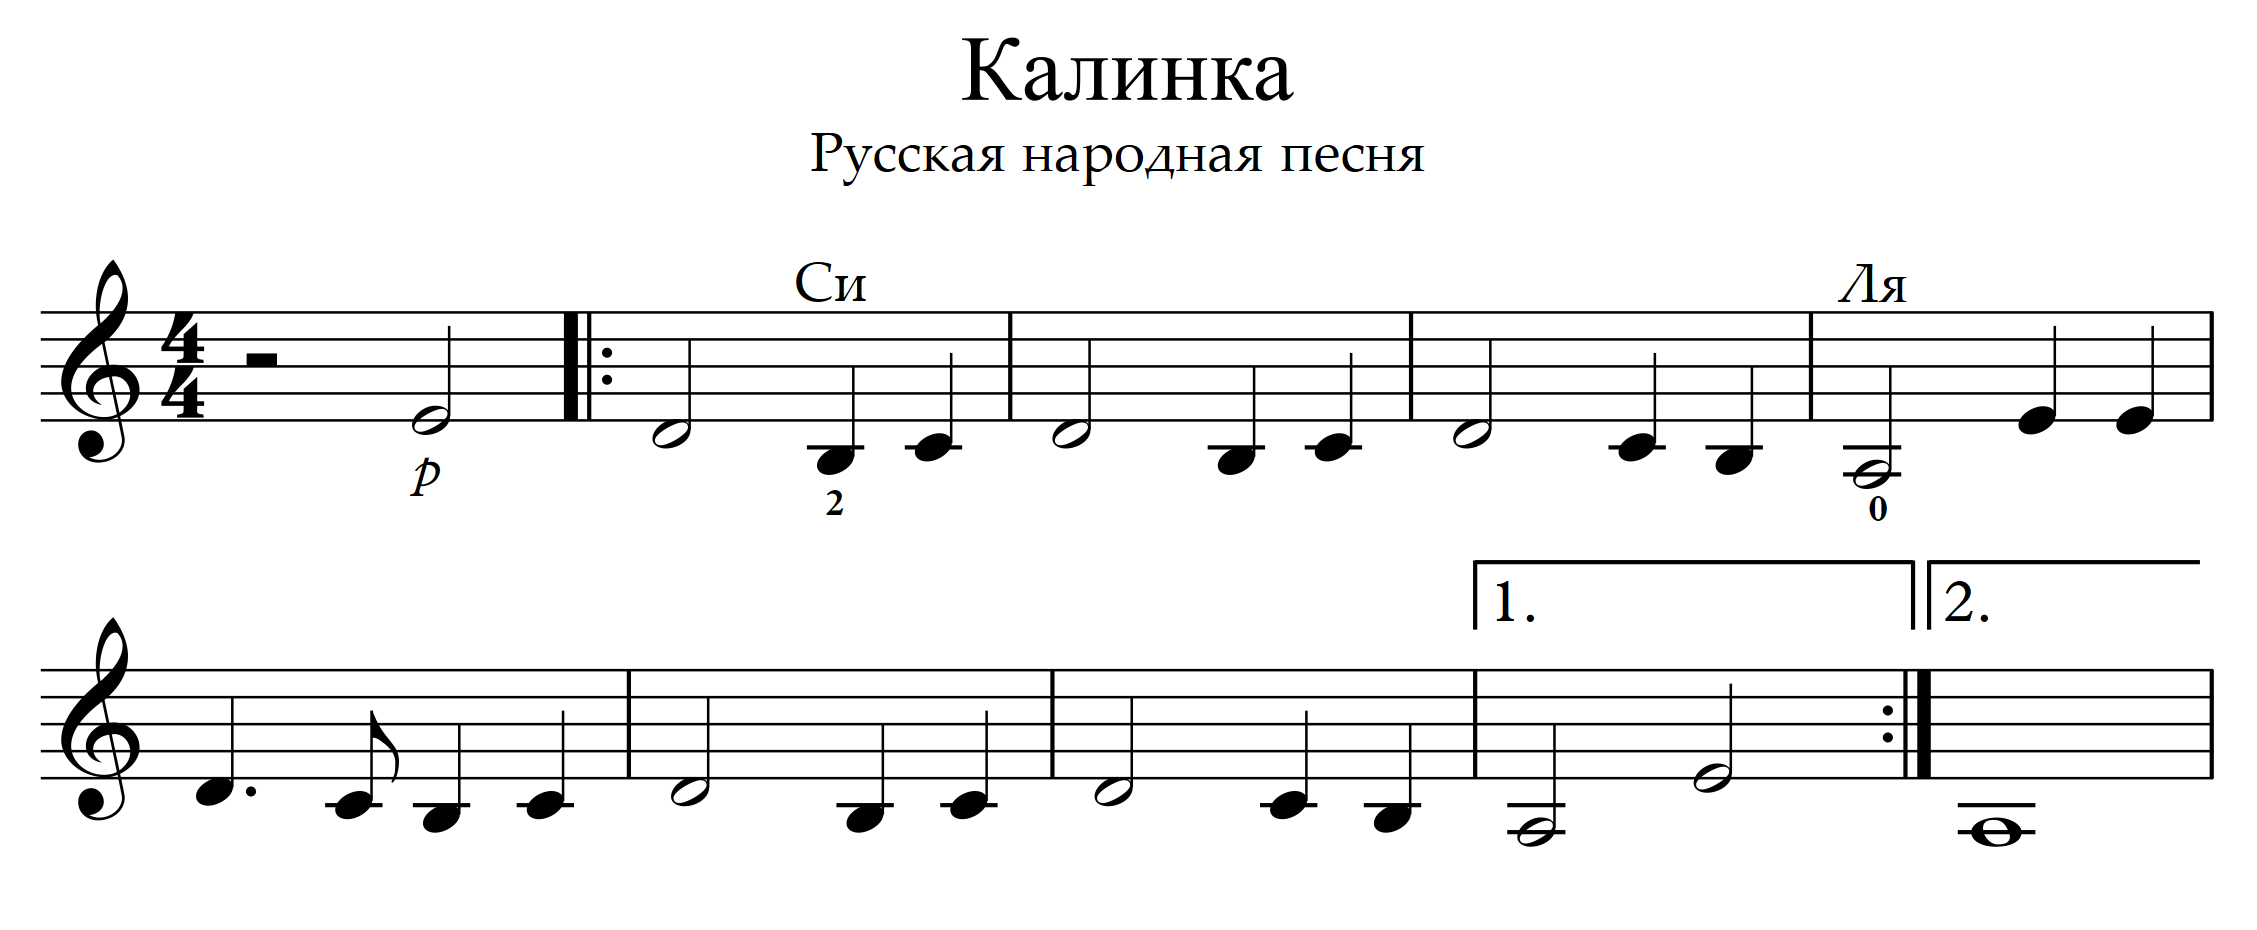 23 Kalinka